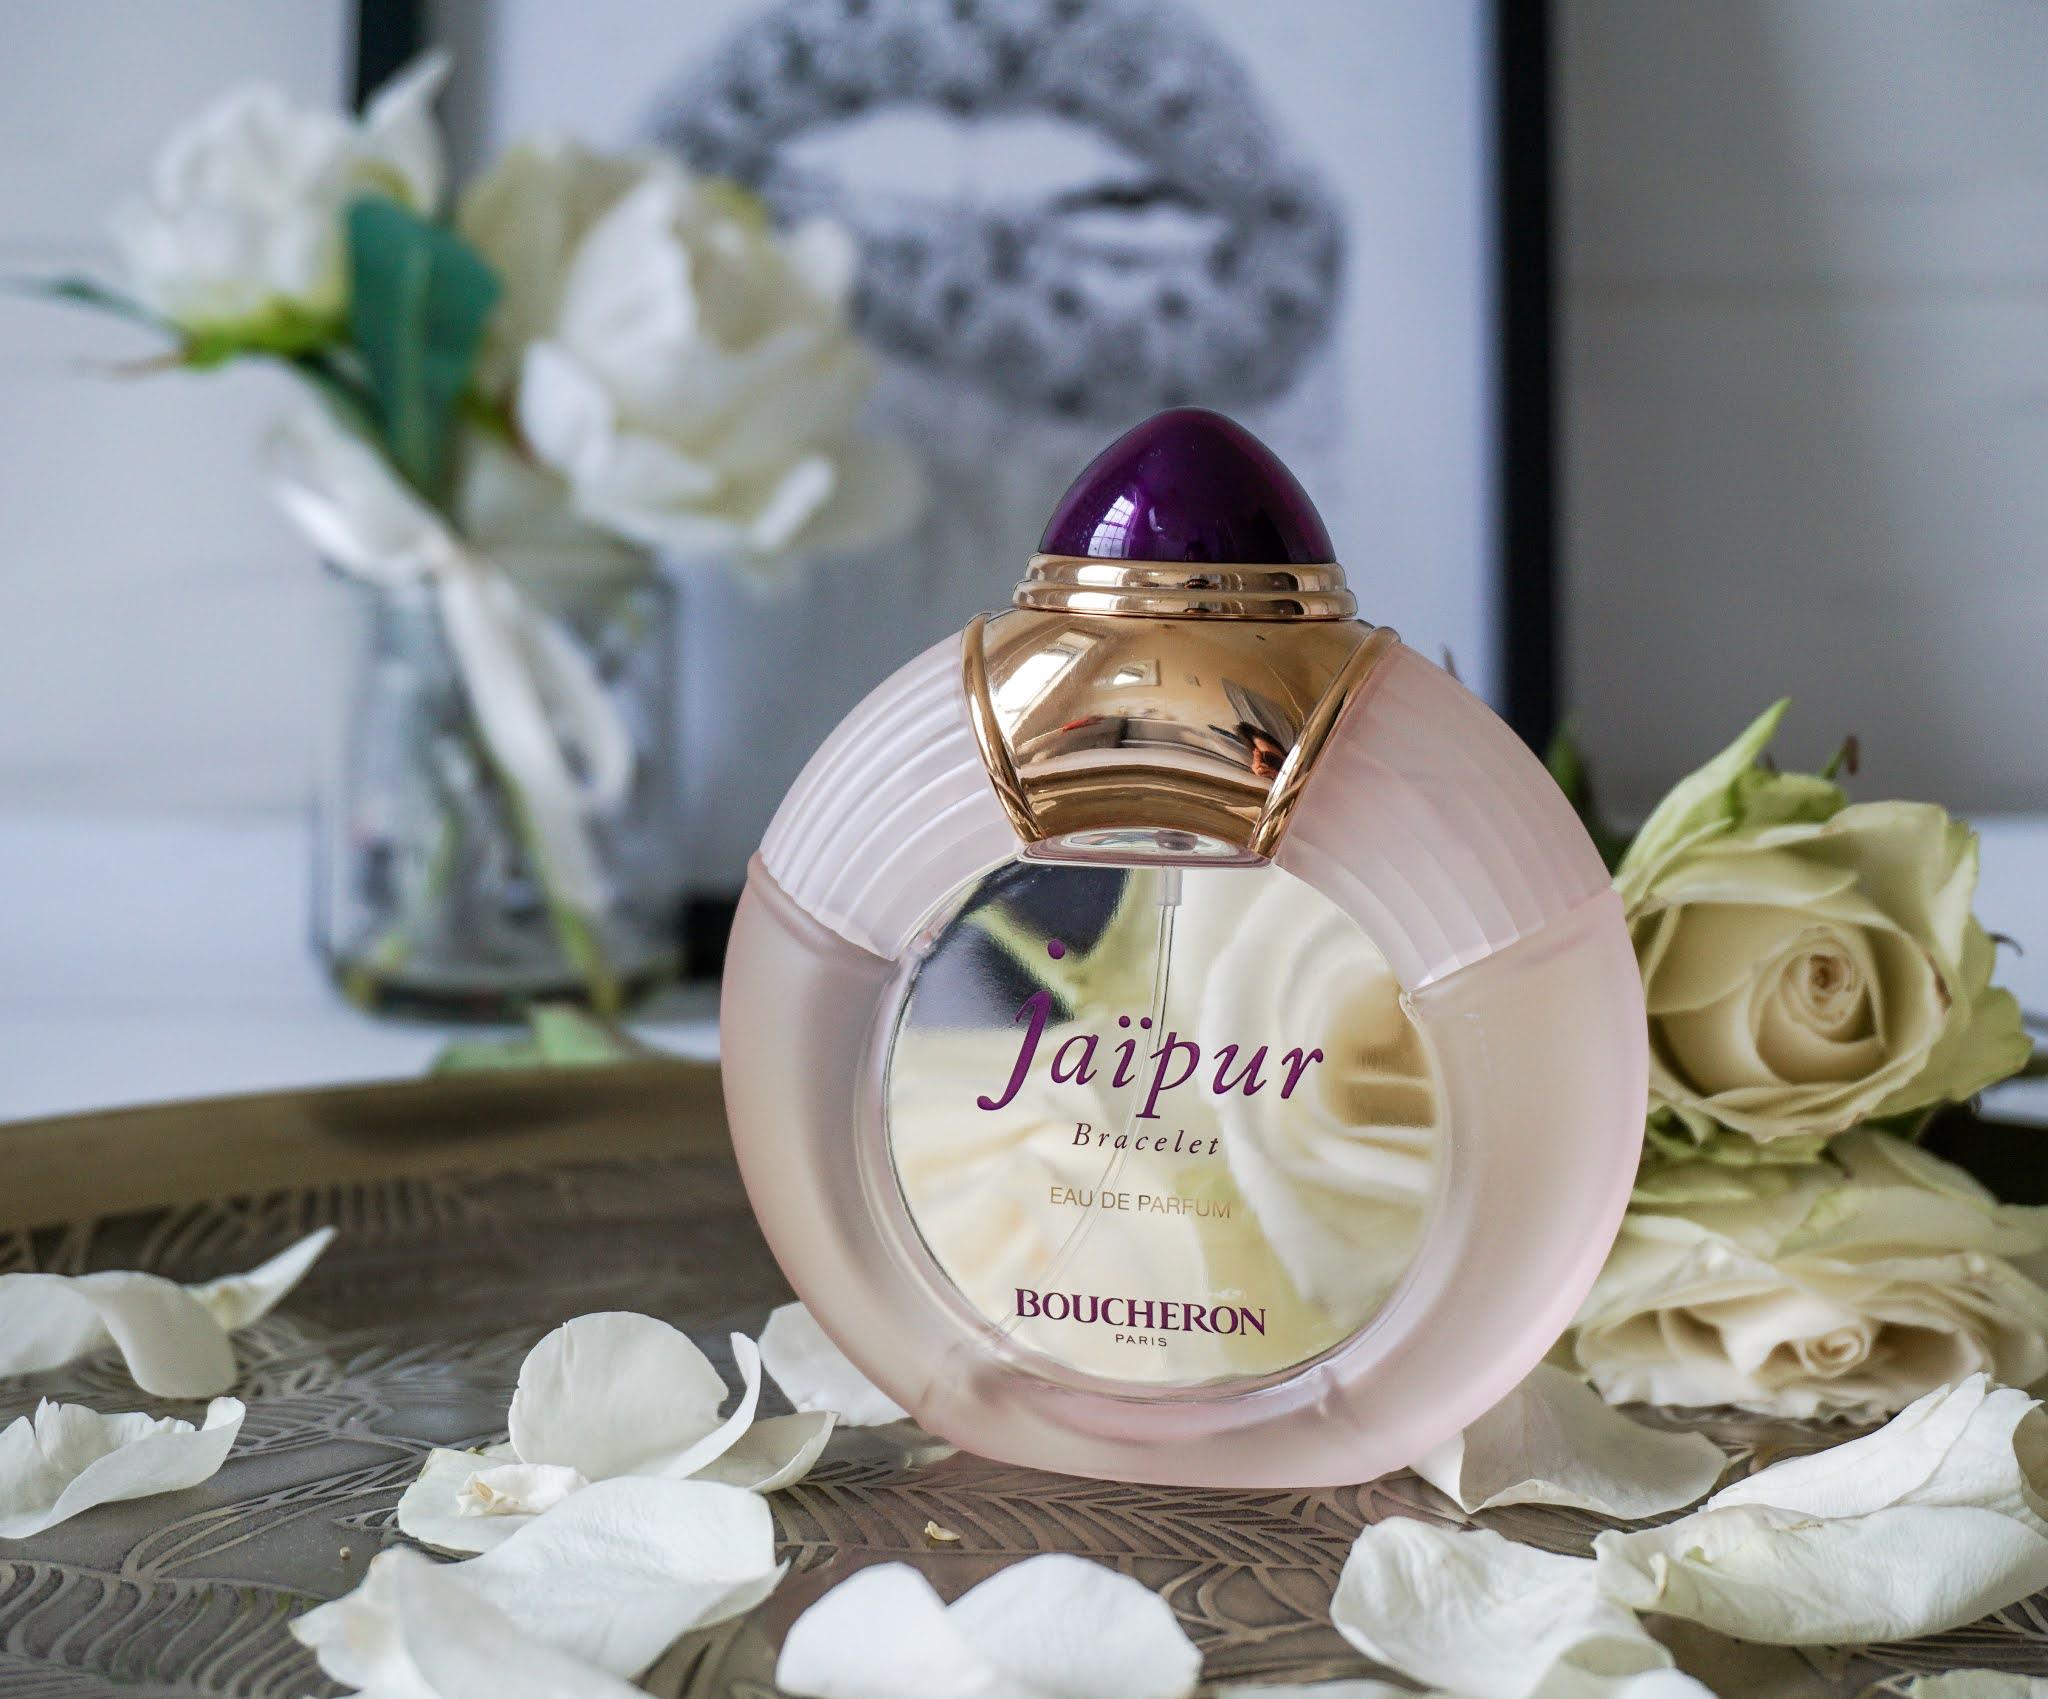 Boucheron-Jaipur-Bracelet-edp